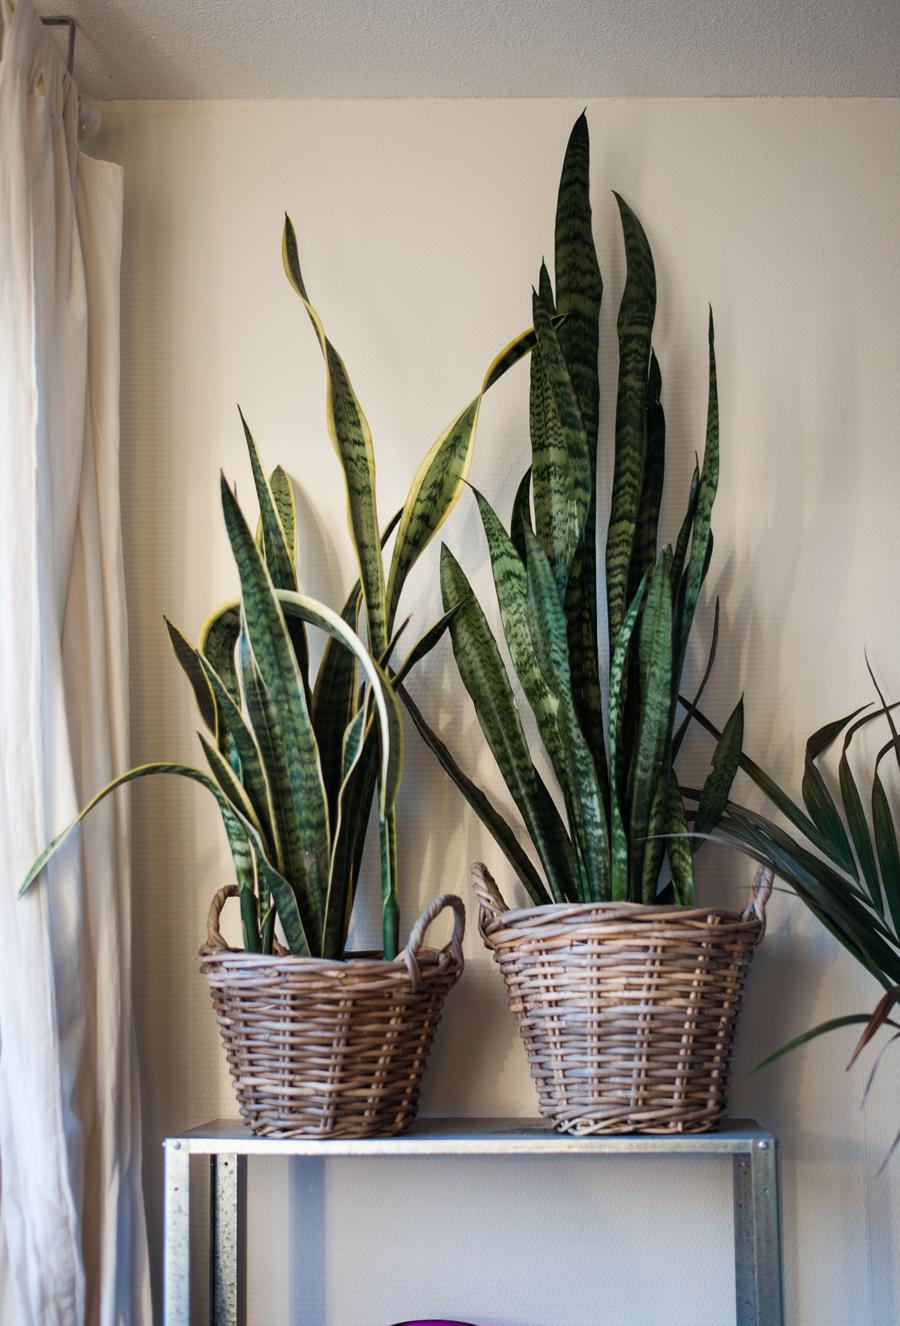 Zwei Zimmerpflanzen in Körben auf einem Regal